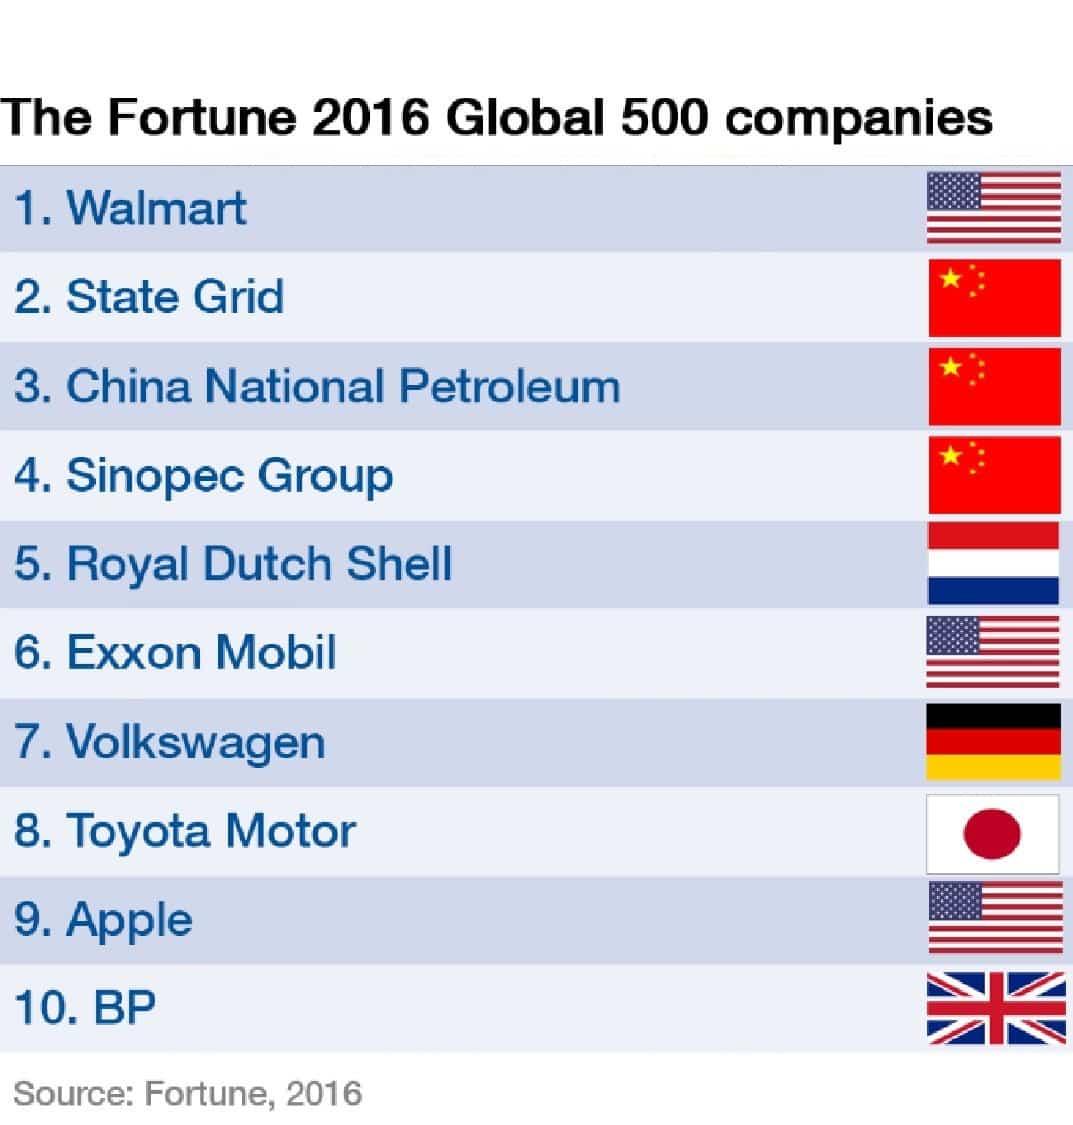 (قائمة فورتشن 2016 لأكبر 500 شركة)